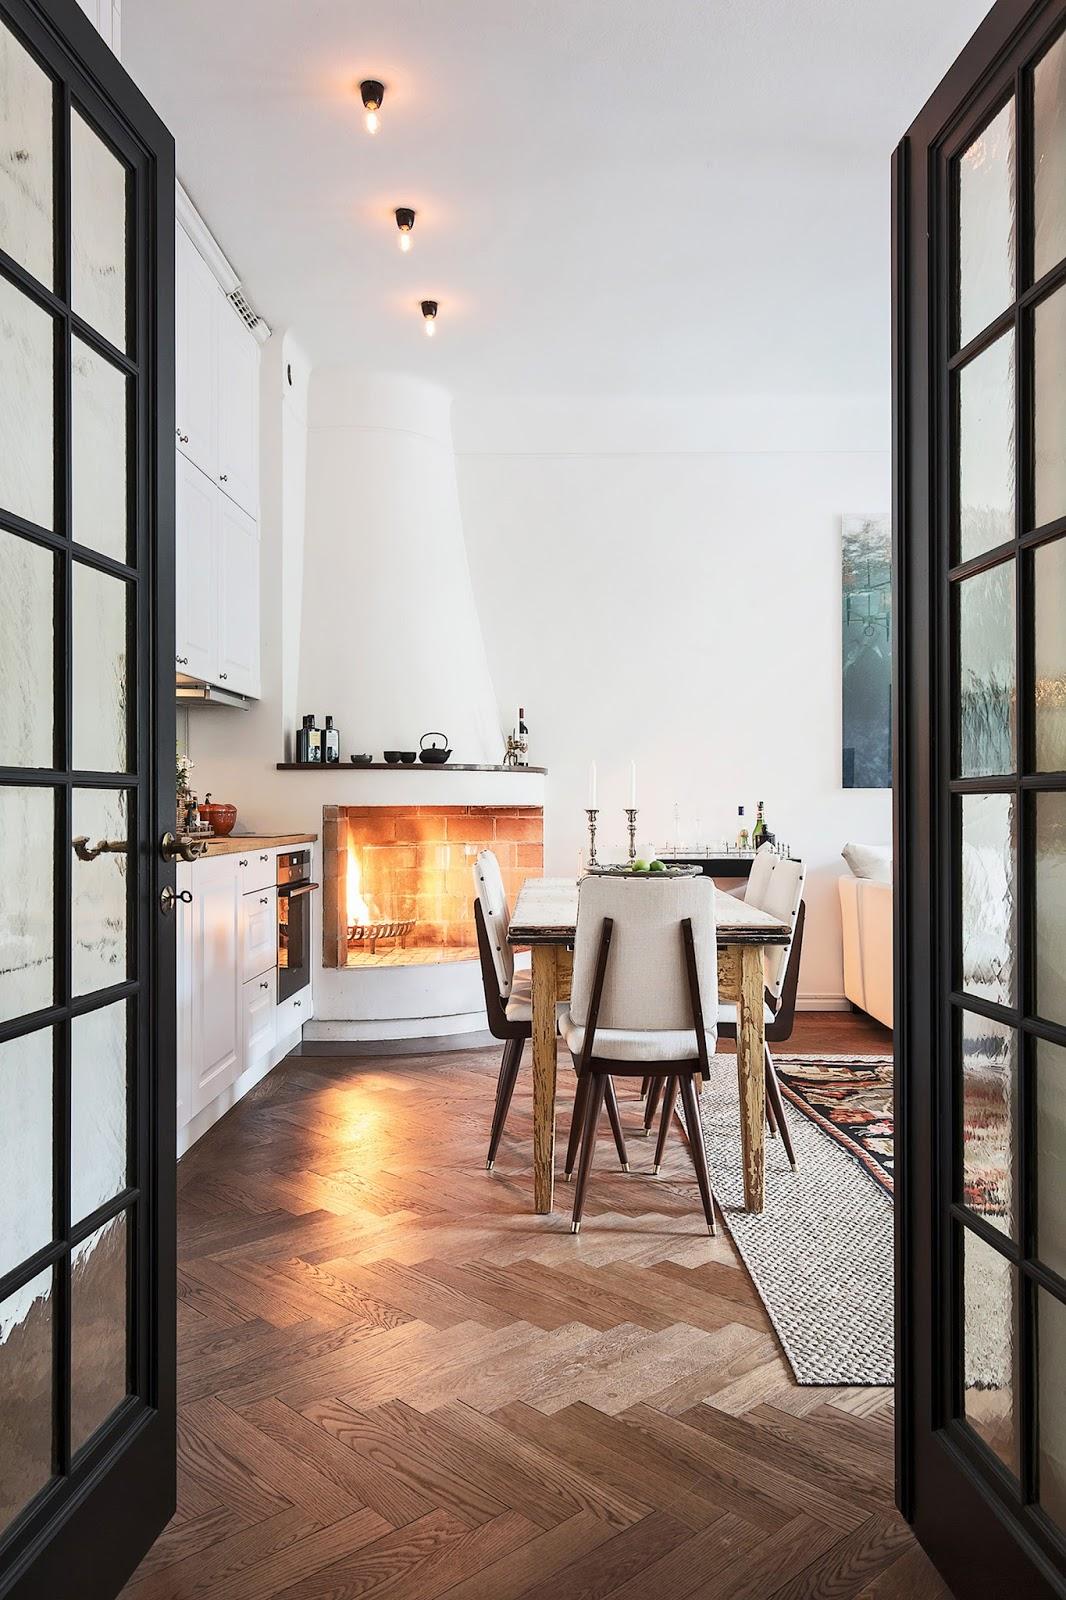 Accente vintage și bucătărie până în tavan într-un apartament de 73 m² 6.jpg